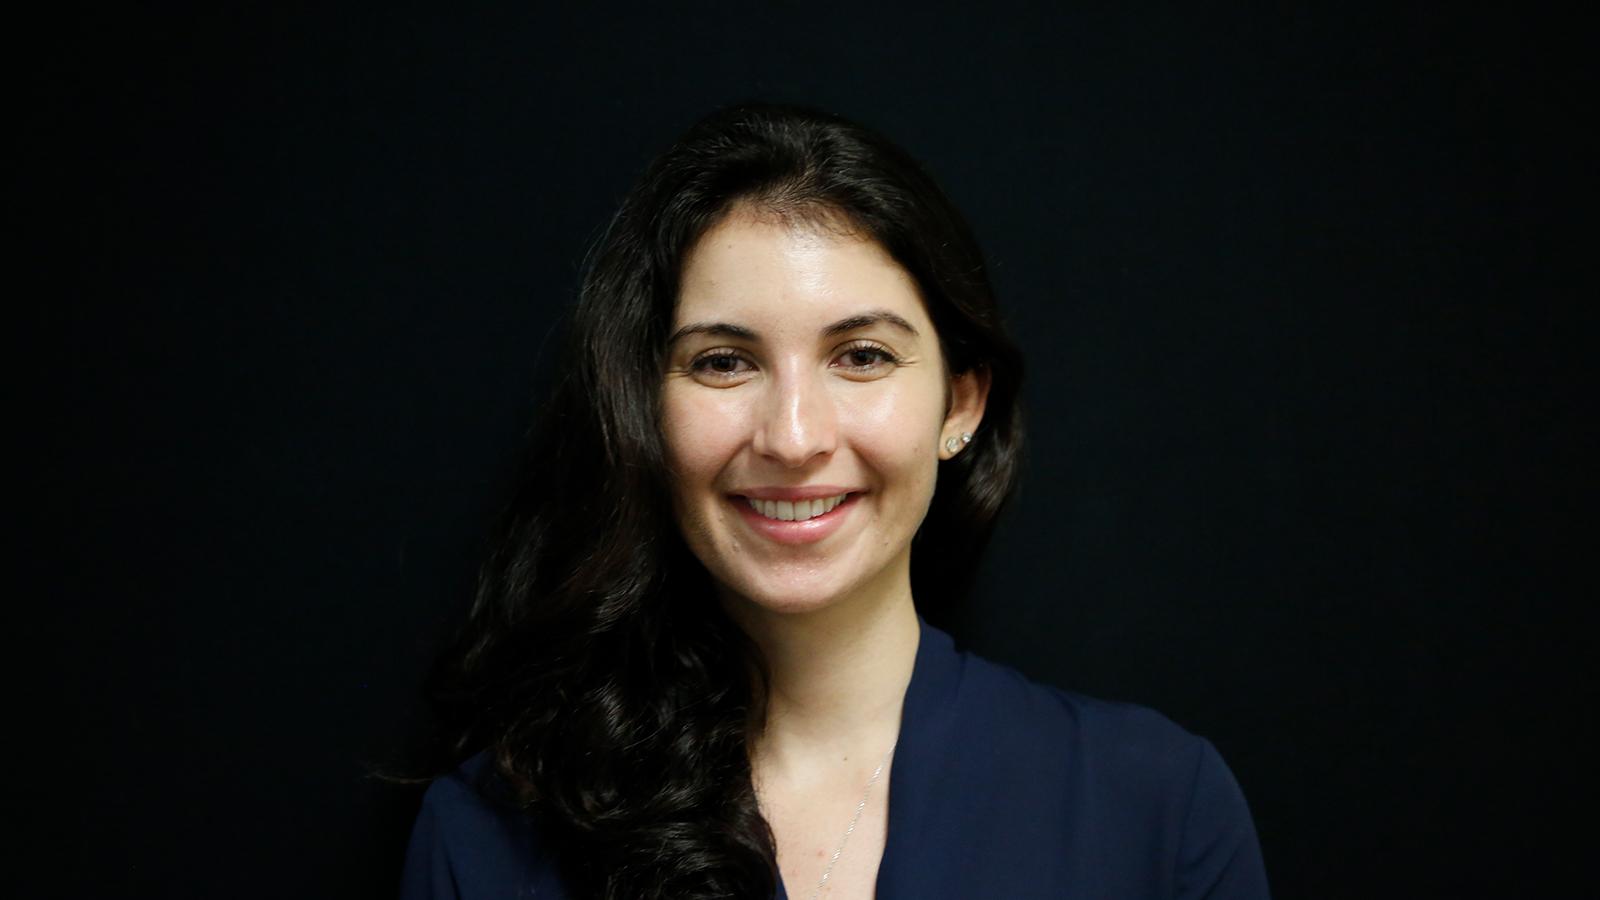 Alyssa Basmajian '18